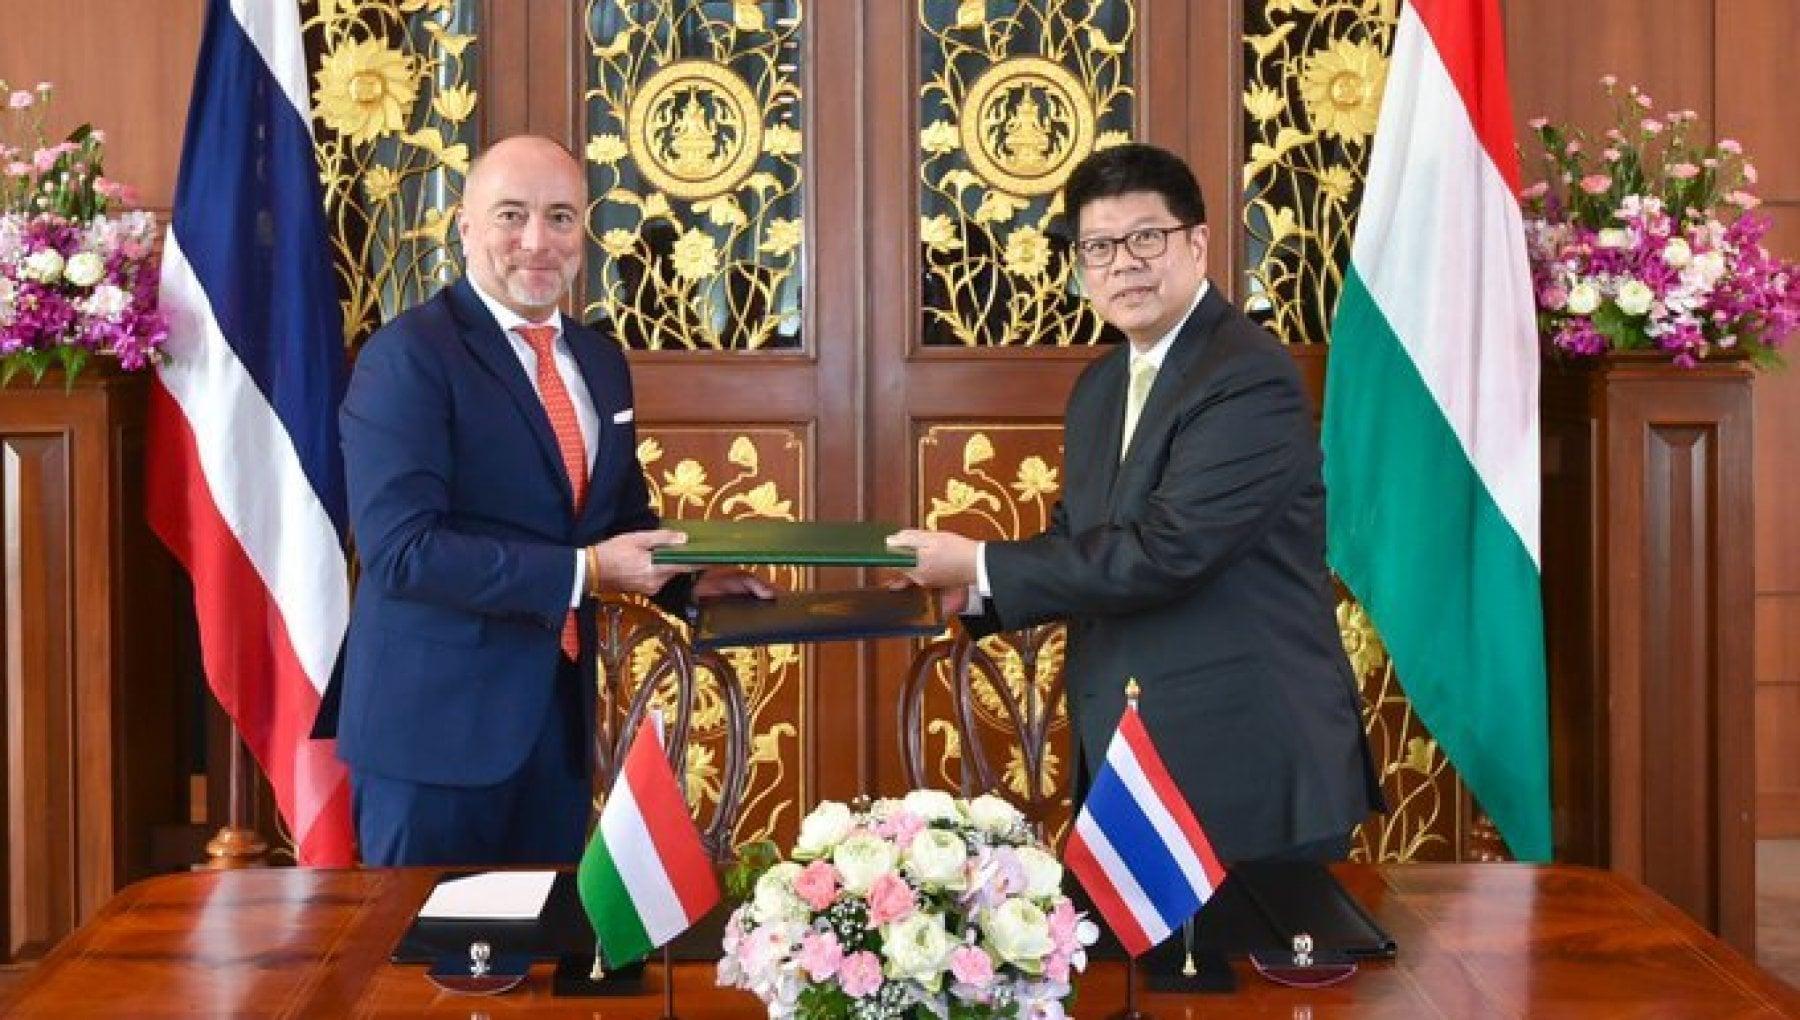 165930261 04190b10 29f1 43c7 9d37 b402545ca22c - Ungheria, richiamato l'ambasciatore da Bangkok. Nuovo scandalo per il governo Orban